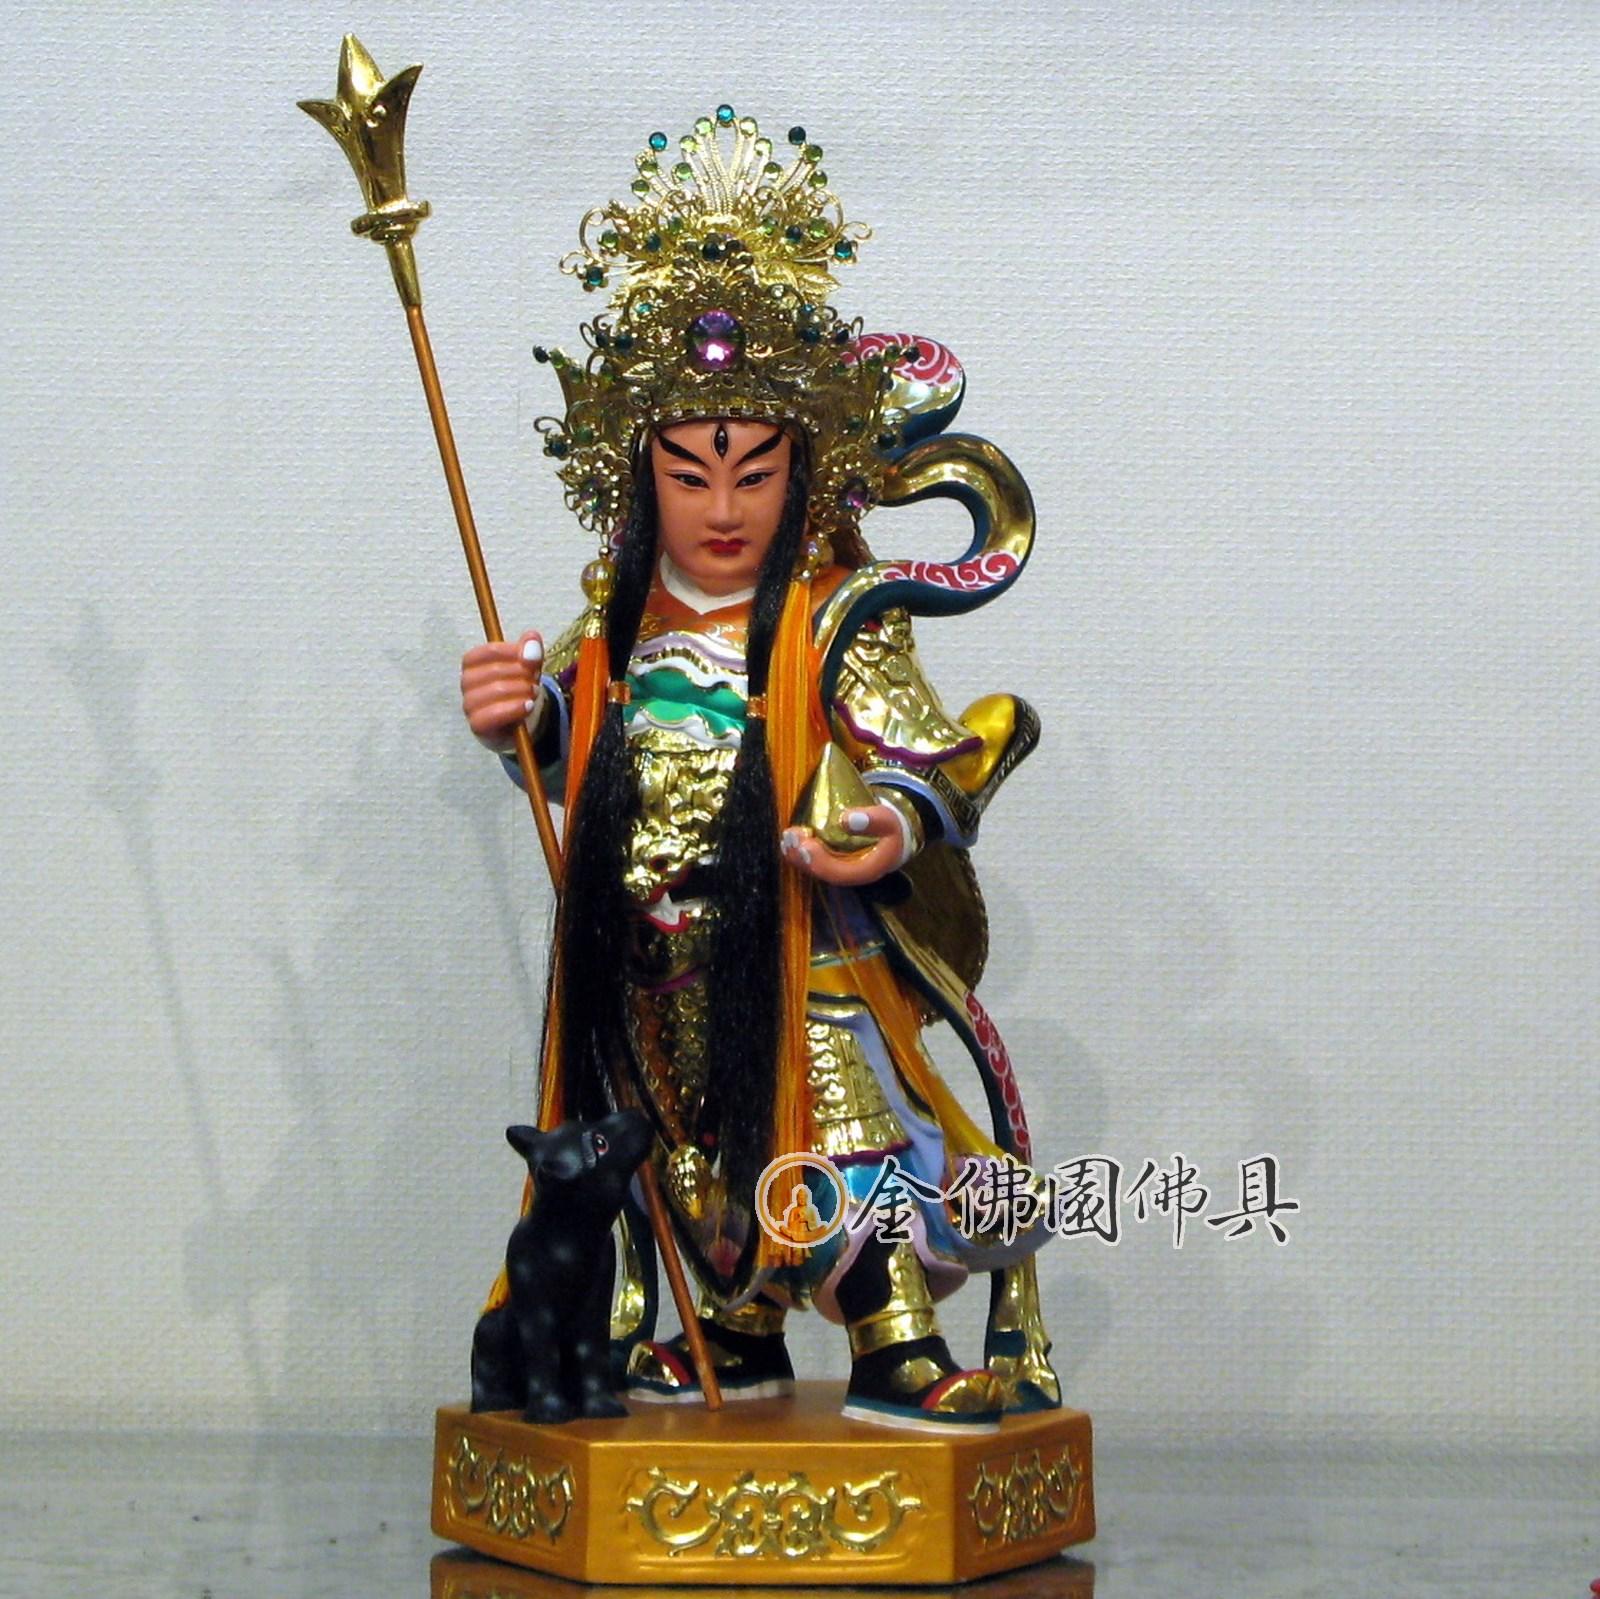 金佛園佛具: QF07二郎神顯聖二郎真君楊戩-樟木雕1尺3